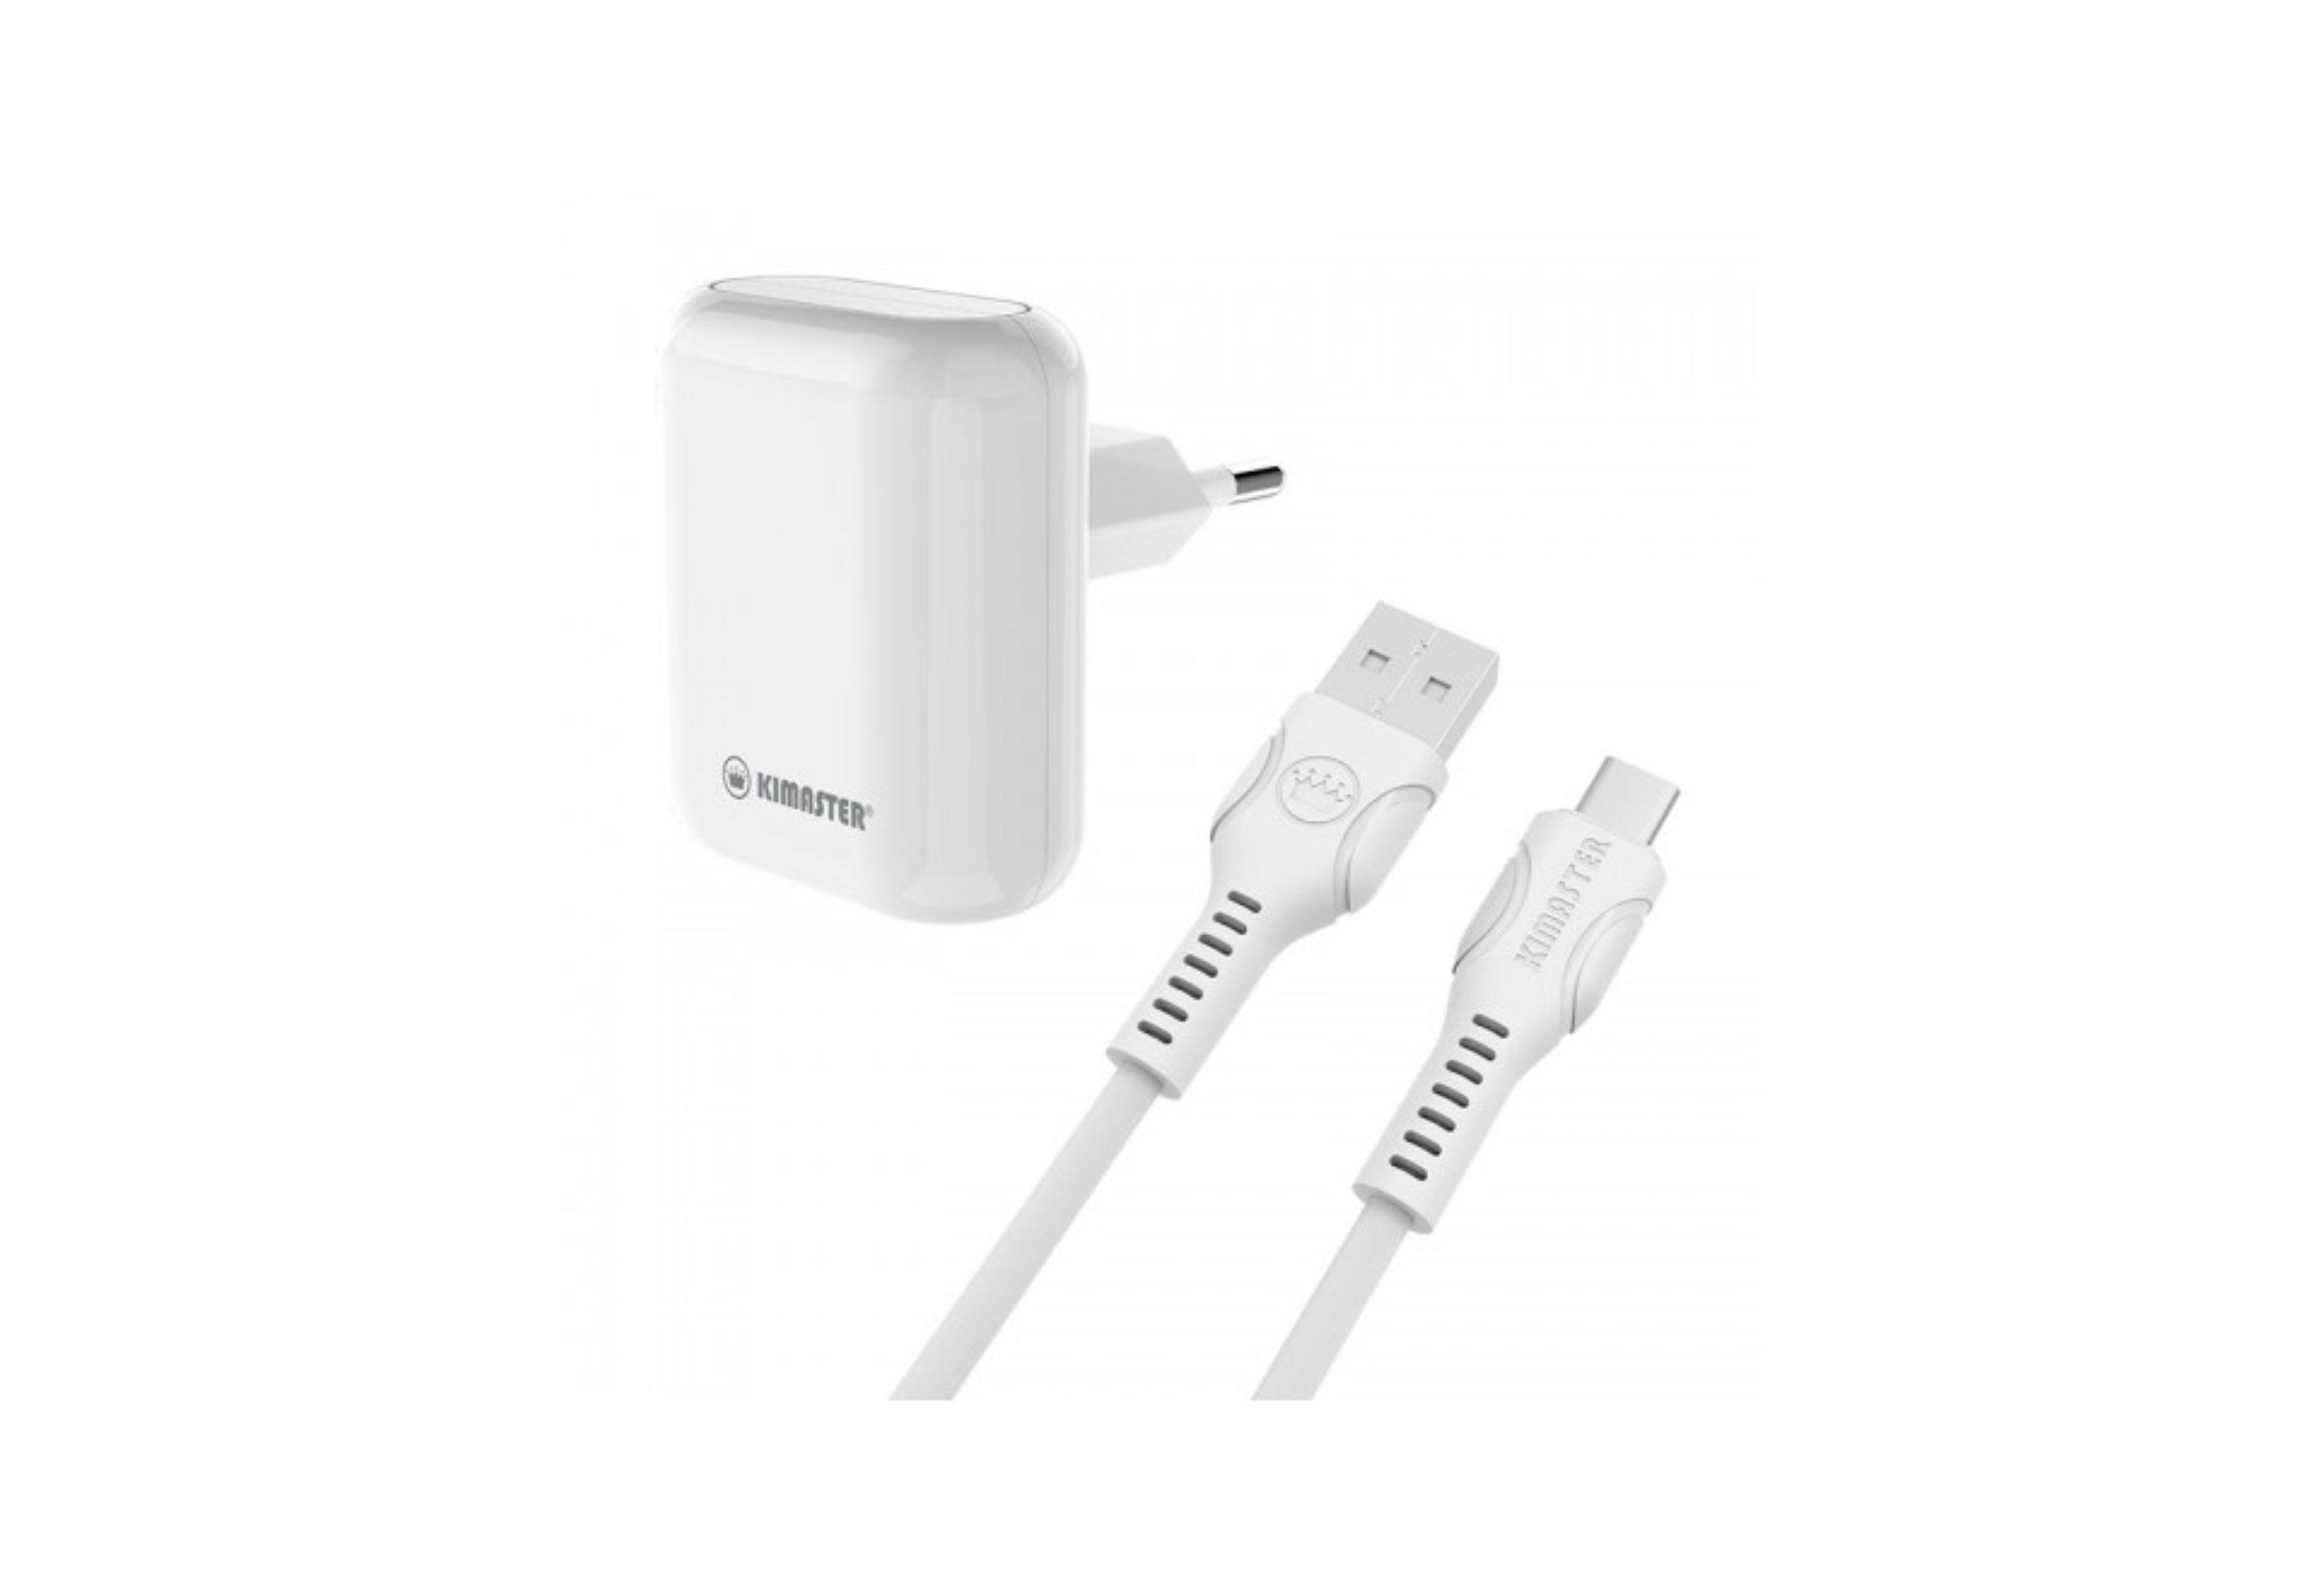 AB626LT – KIT CARREGADOR 2 USB – PROMOCIONAL